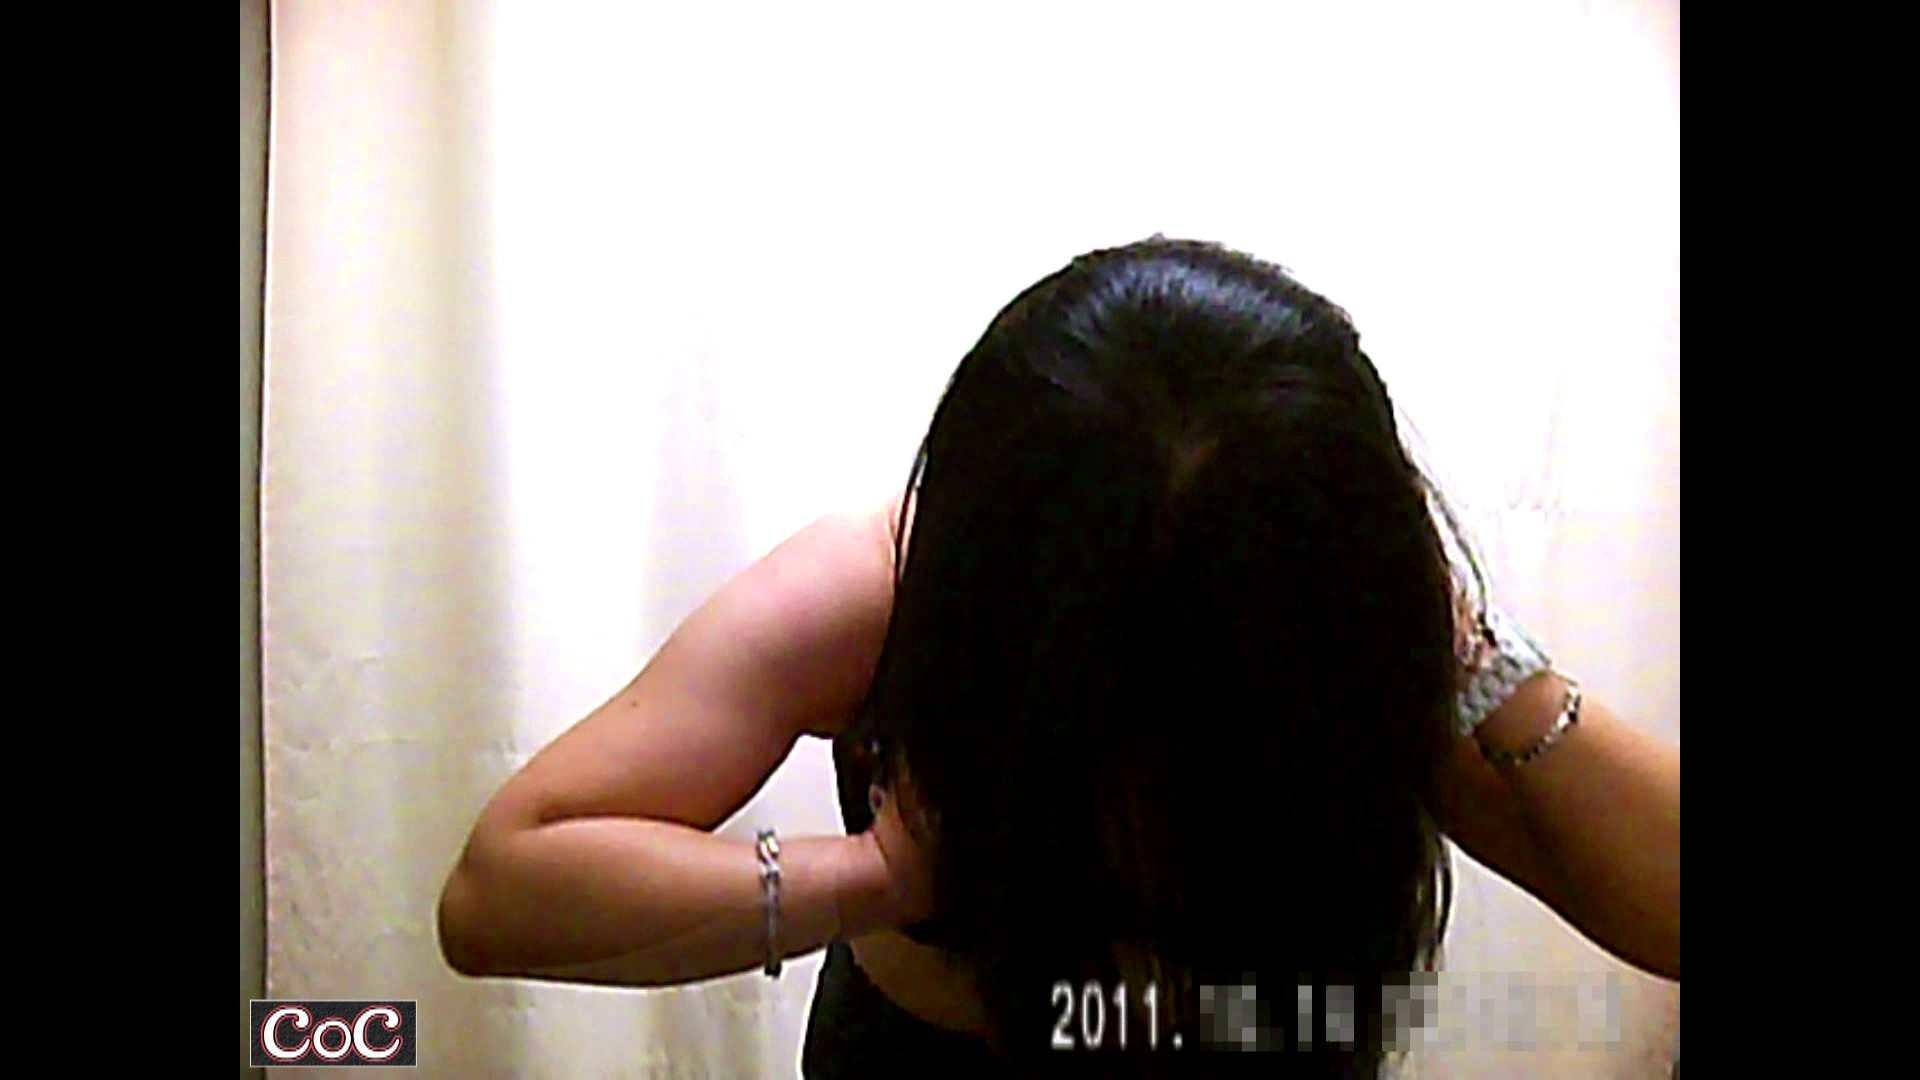 病院おもいっきり着替え! vol.59 おっぱい 盗撮オメコ無修正動画無料 85画像 45